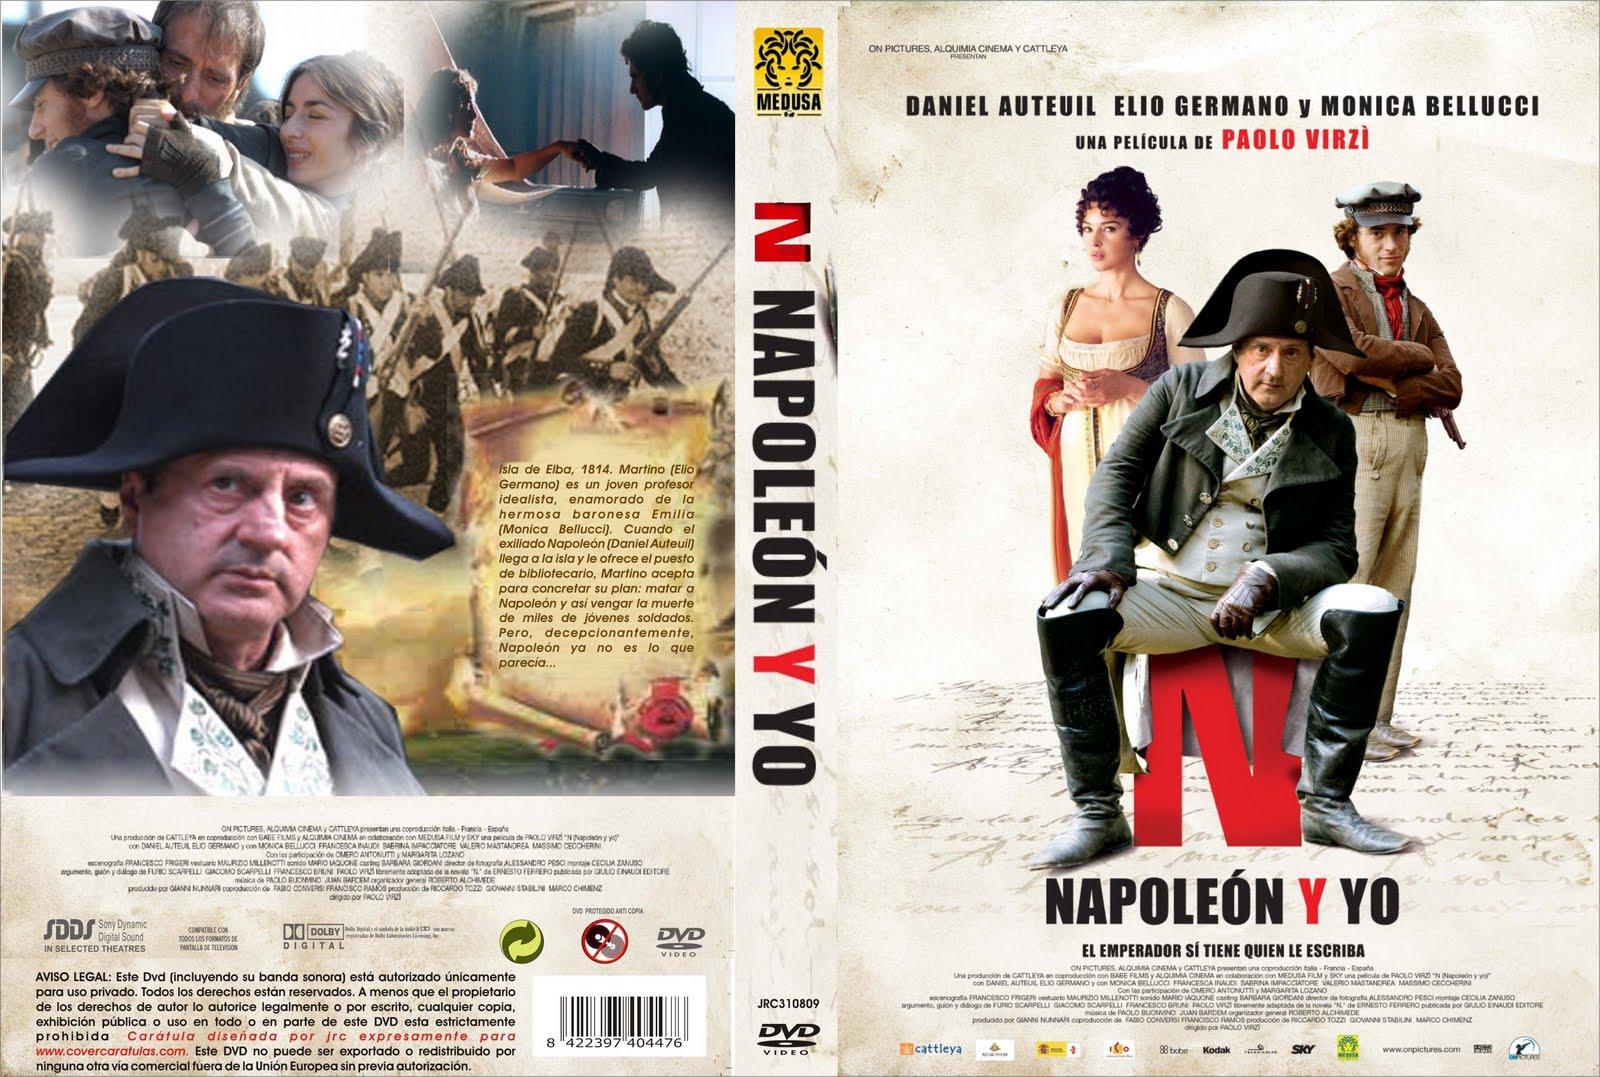 http://4.bp.blogspot.com/_yCRo3KNp-Uo/TTmjSB6crAI/AAAAAAAAC4o/Z6VALbUXDN8/s1600/N_-_Napoleon_Y_Yo.jpg